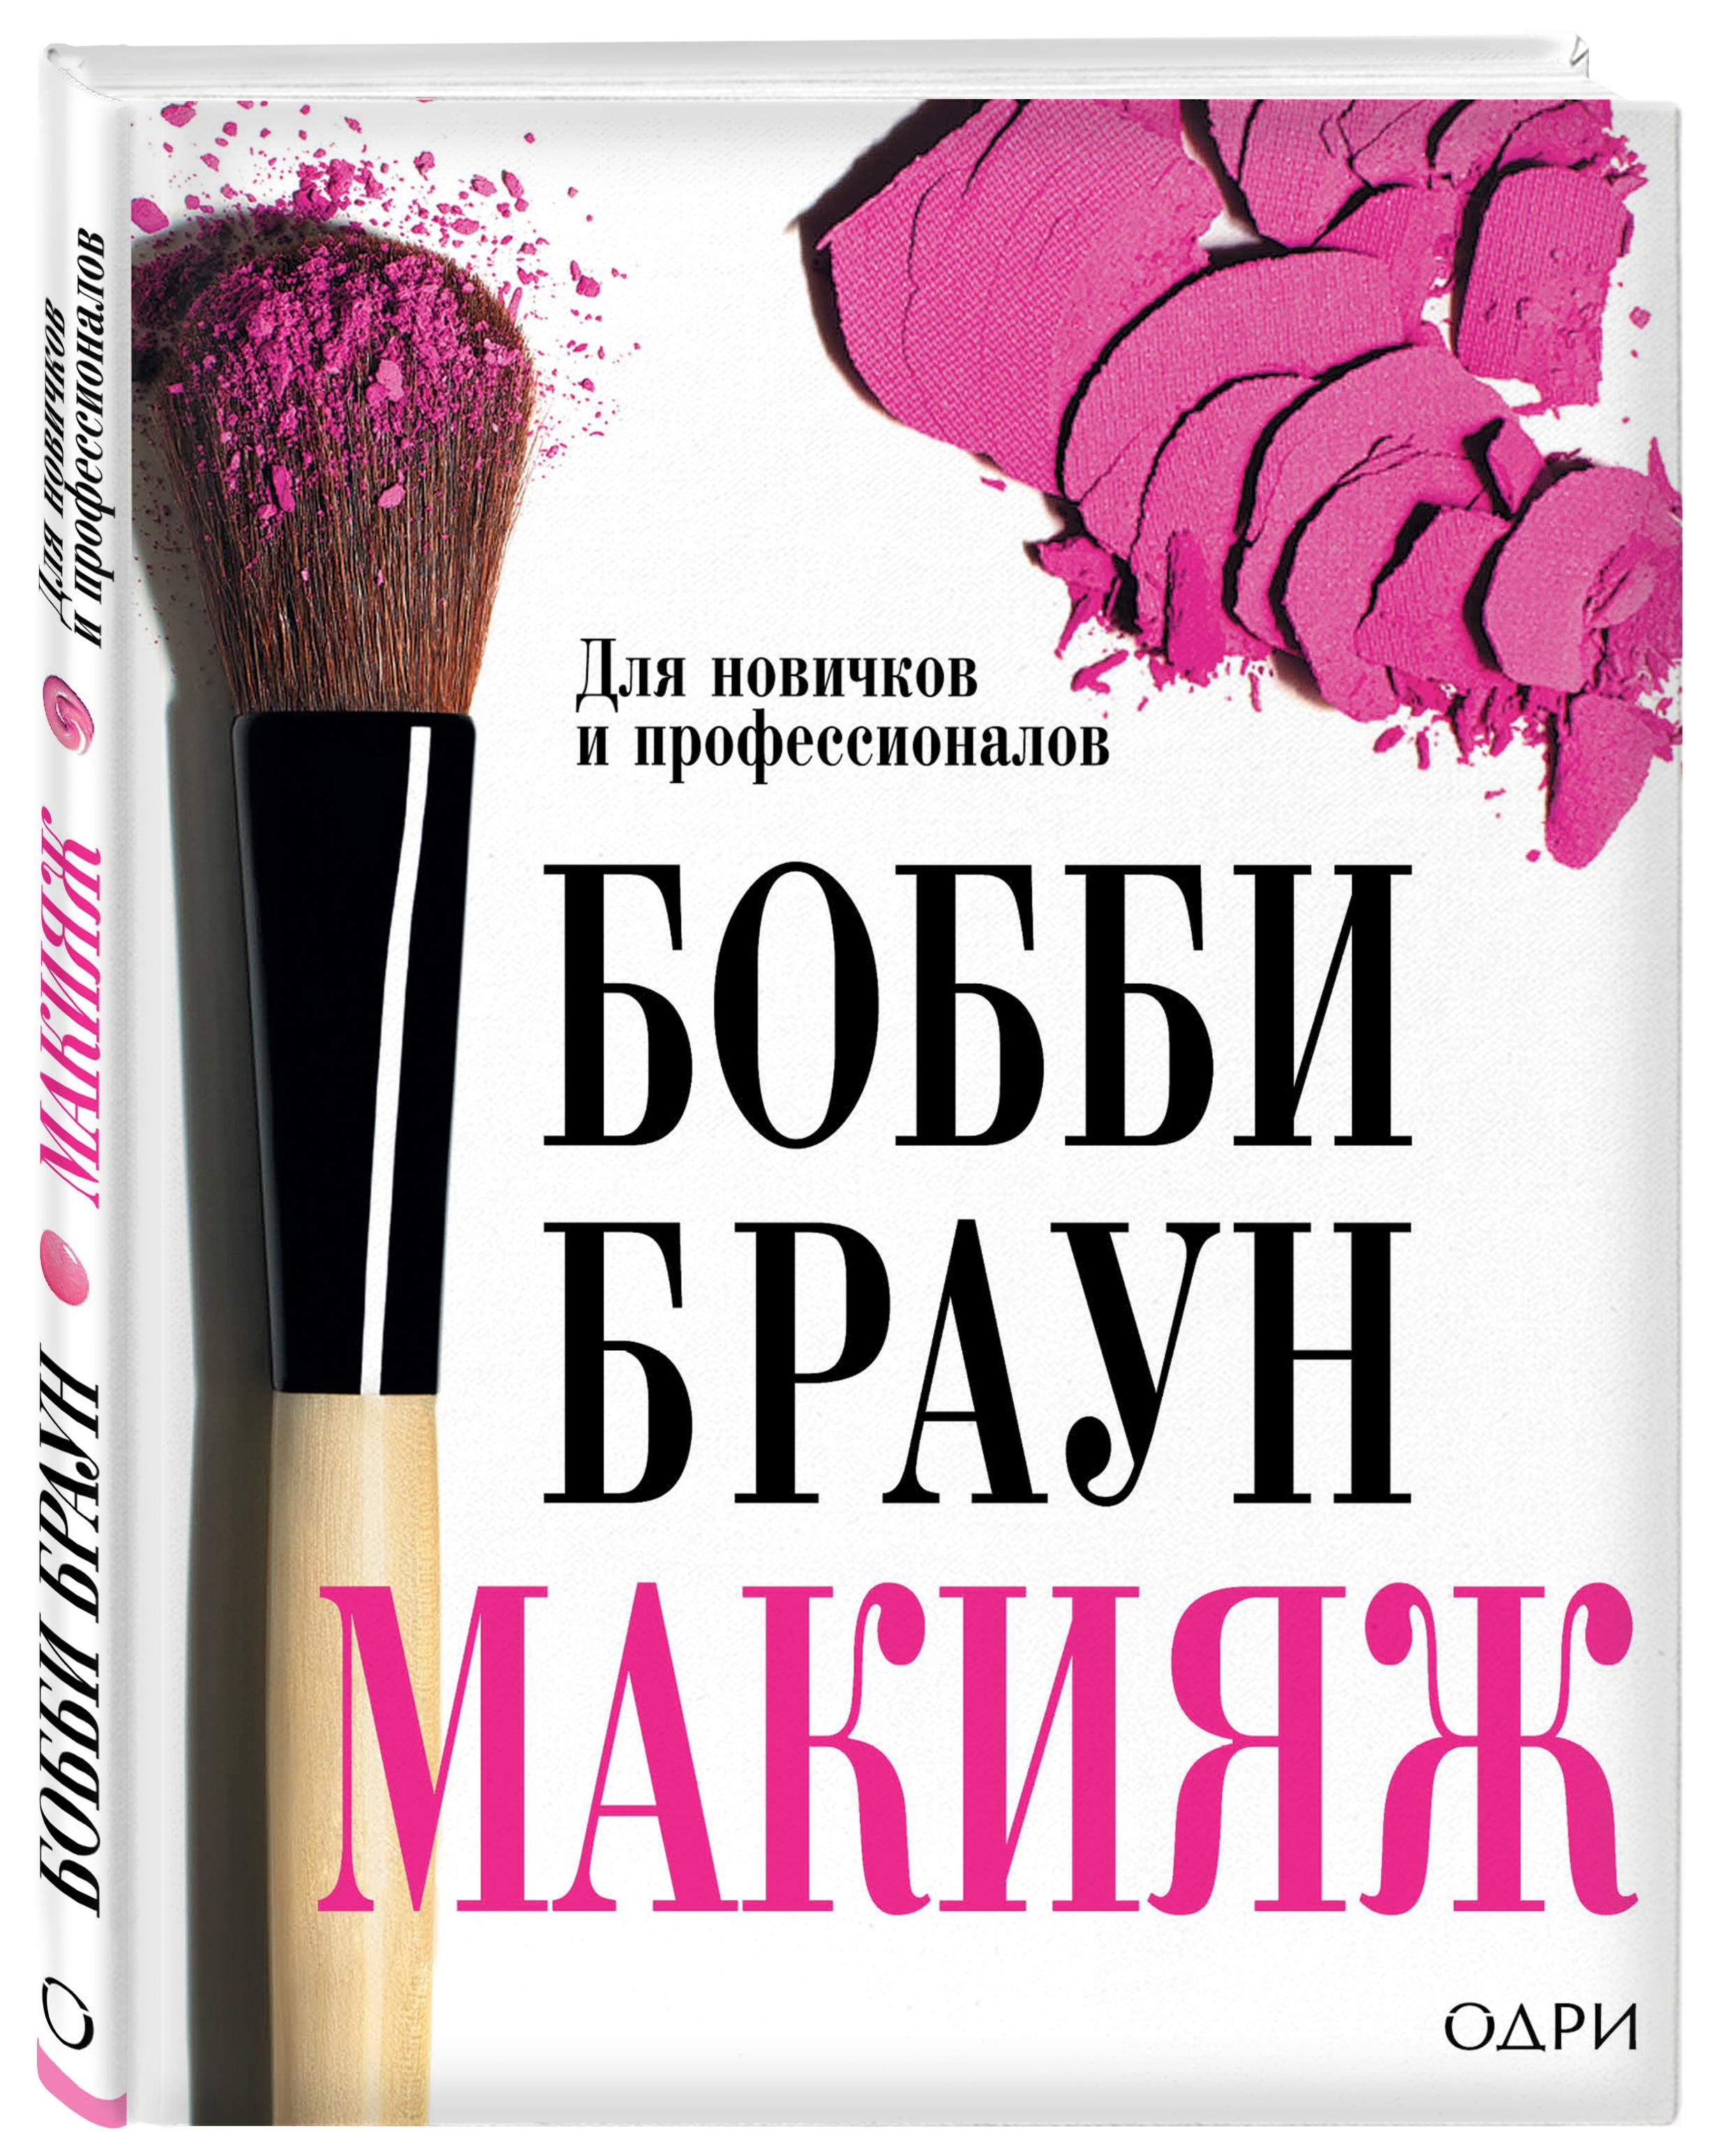 Бобби Браун Бобби Браун. Макияж: для новичков и профессионалов бобби браун макияж глаз